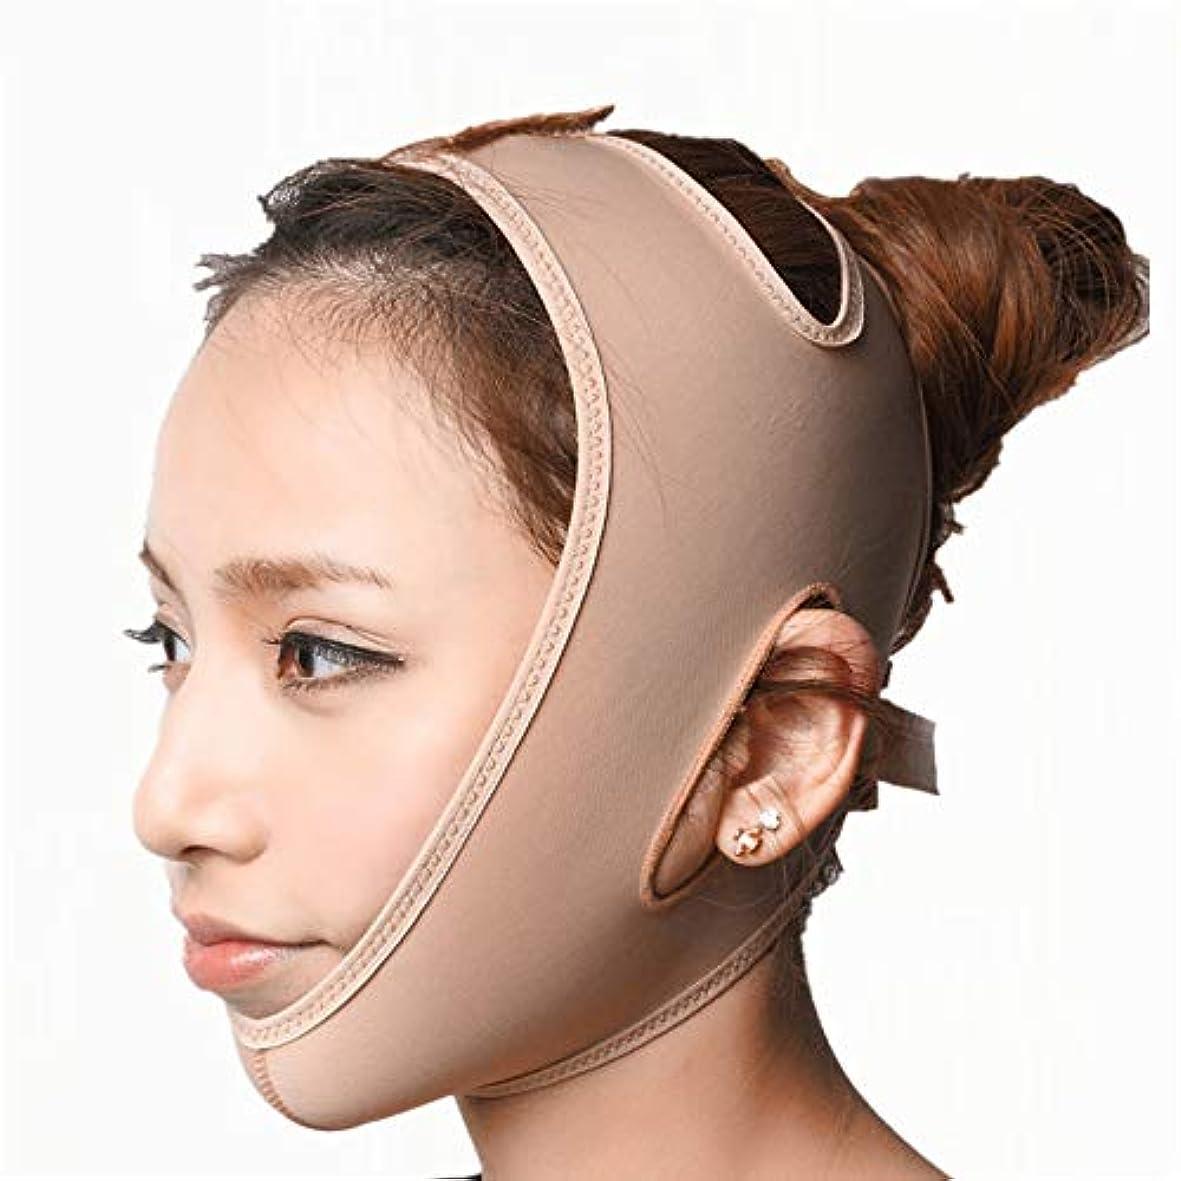 トレッド経験嫌いJia Jia- 顔の持ち上がる痩身ベルト - アンチエイジングリンクルフェイスマスクベルトシンフェイス包帯整形マスクは顔と首を締めますフェイススリム 顔面包帯 (サイズ さいず : M)